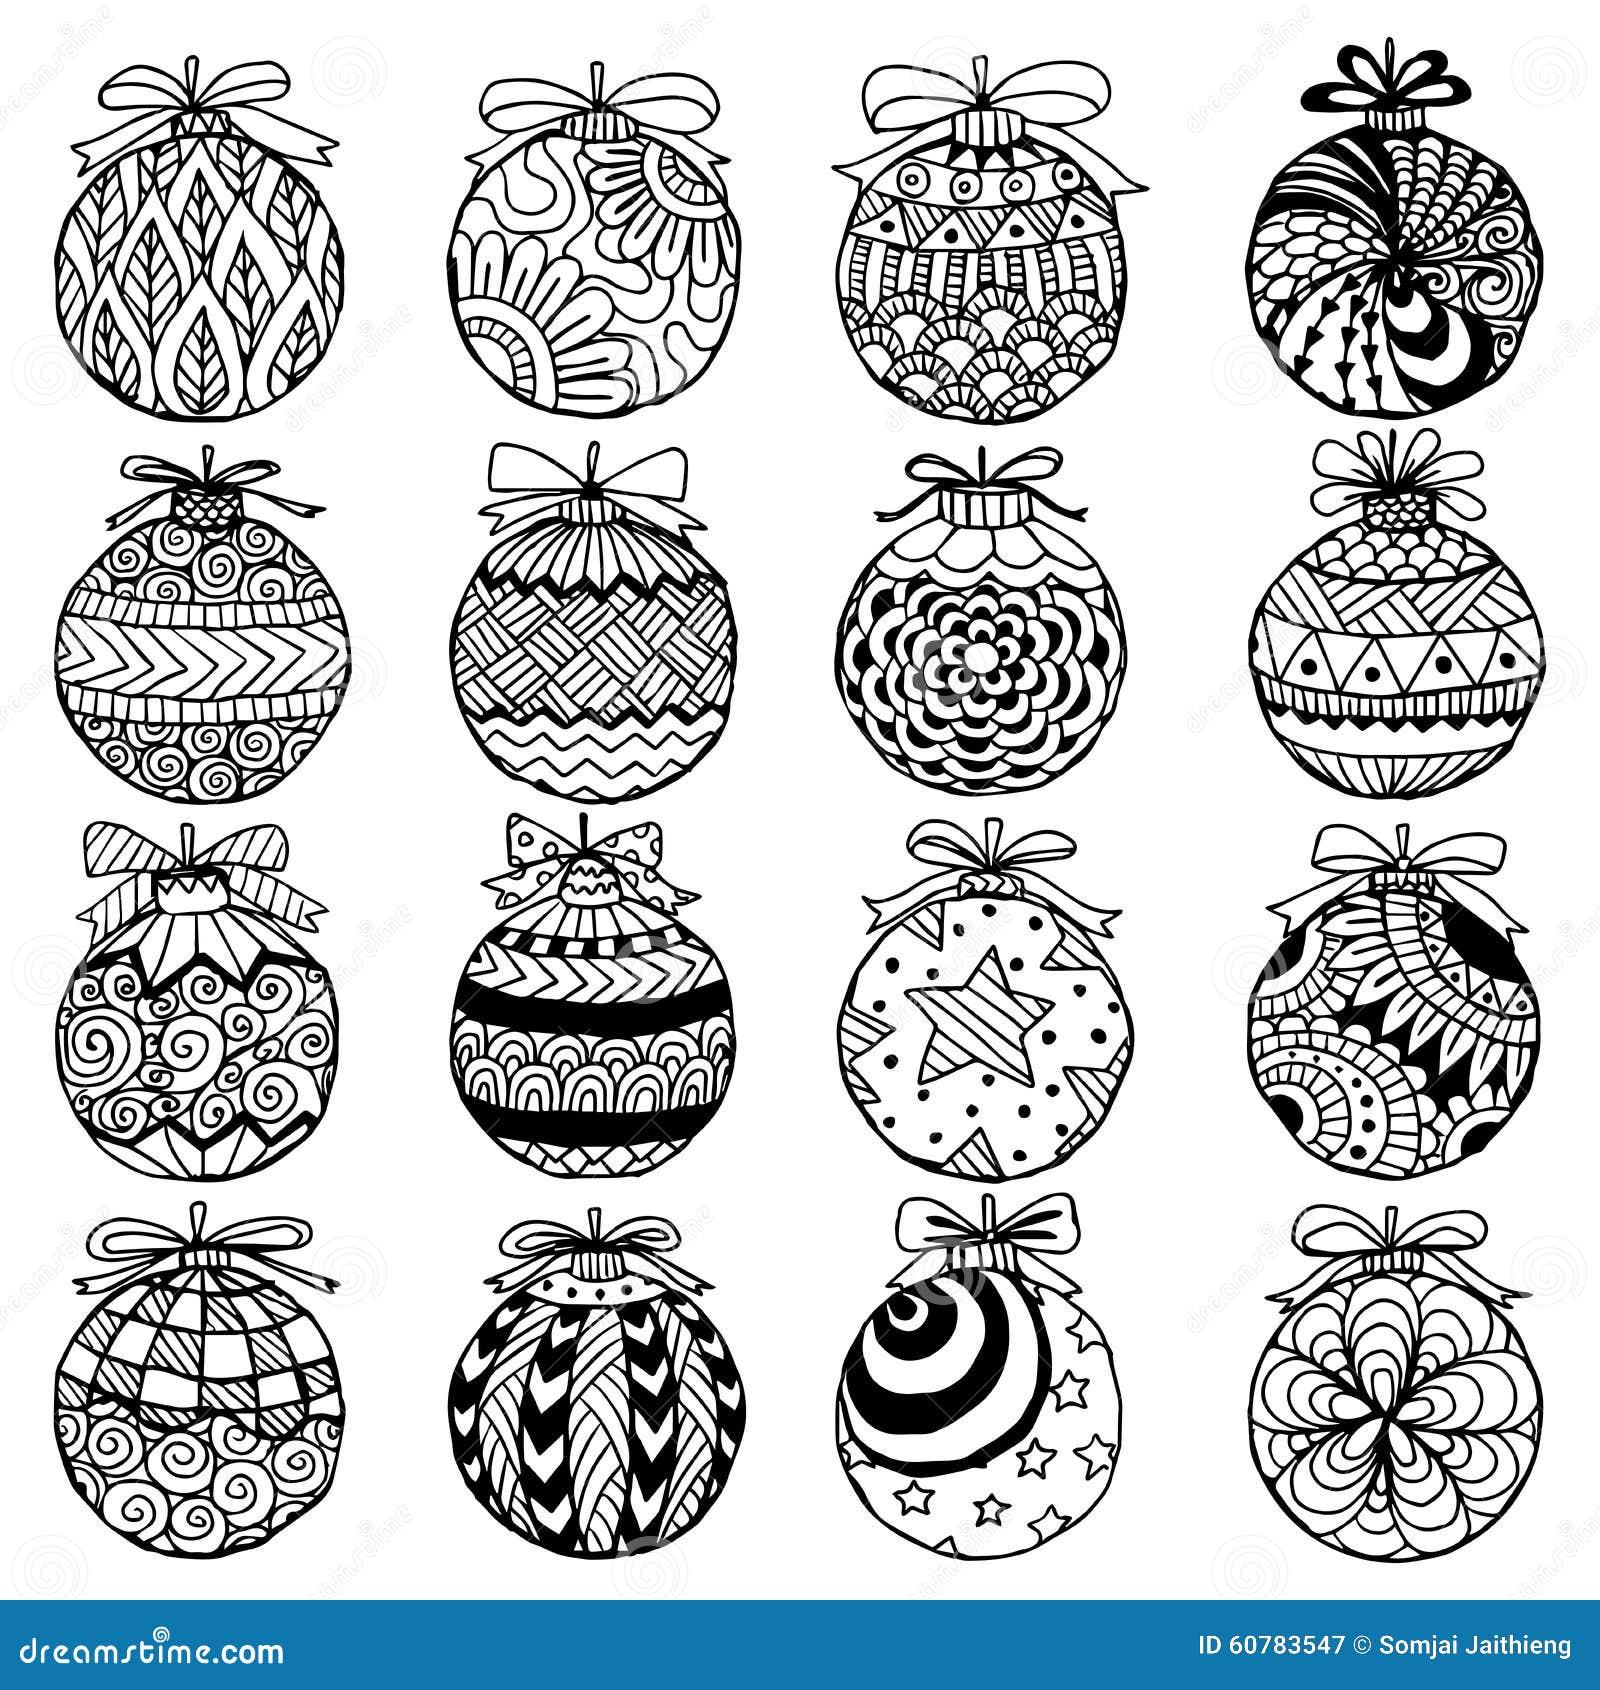 Stile Disegnato A Mano Dello Zentangle Delle Palle Di Natale Per Il